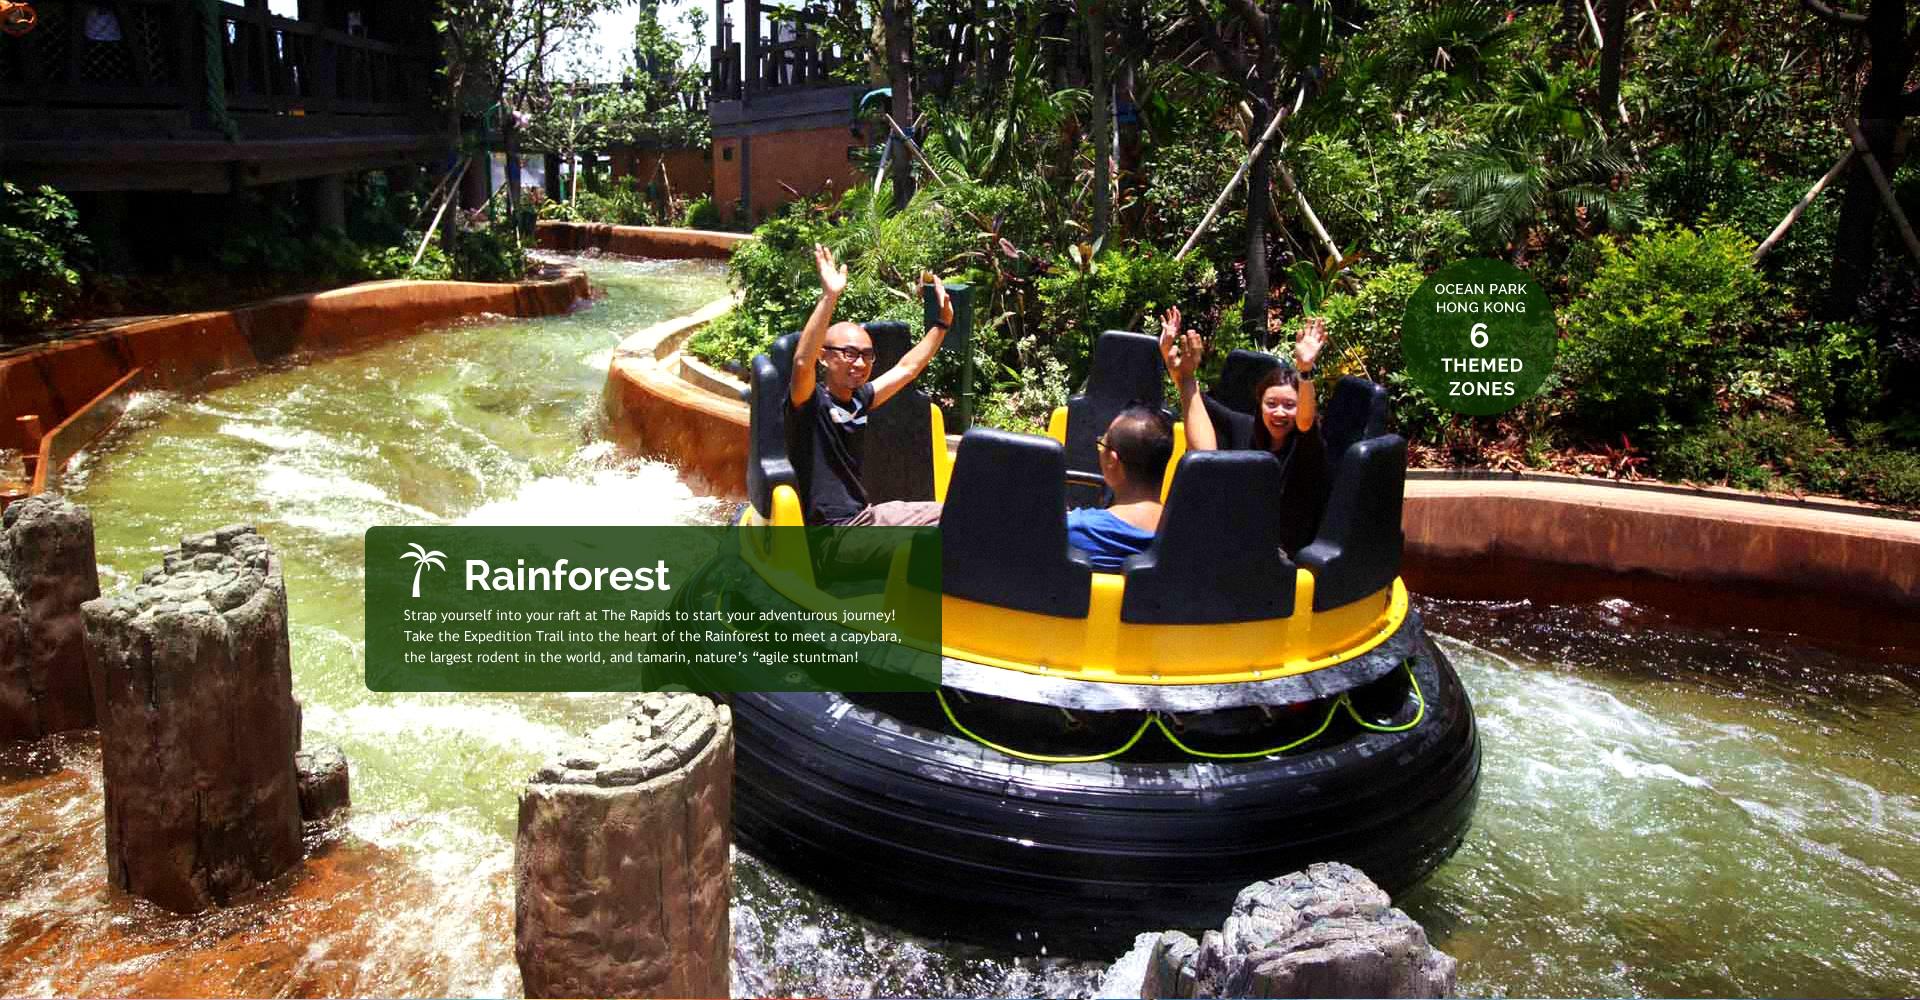 https://media.oceanpark.com.hk/files/s3fs-public/Philippine_inside_banner01_desktop_rainforest.jpg